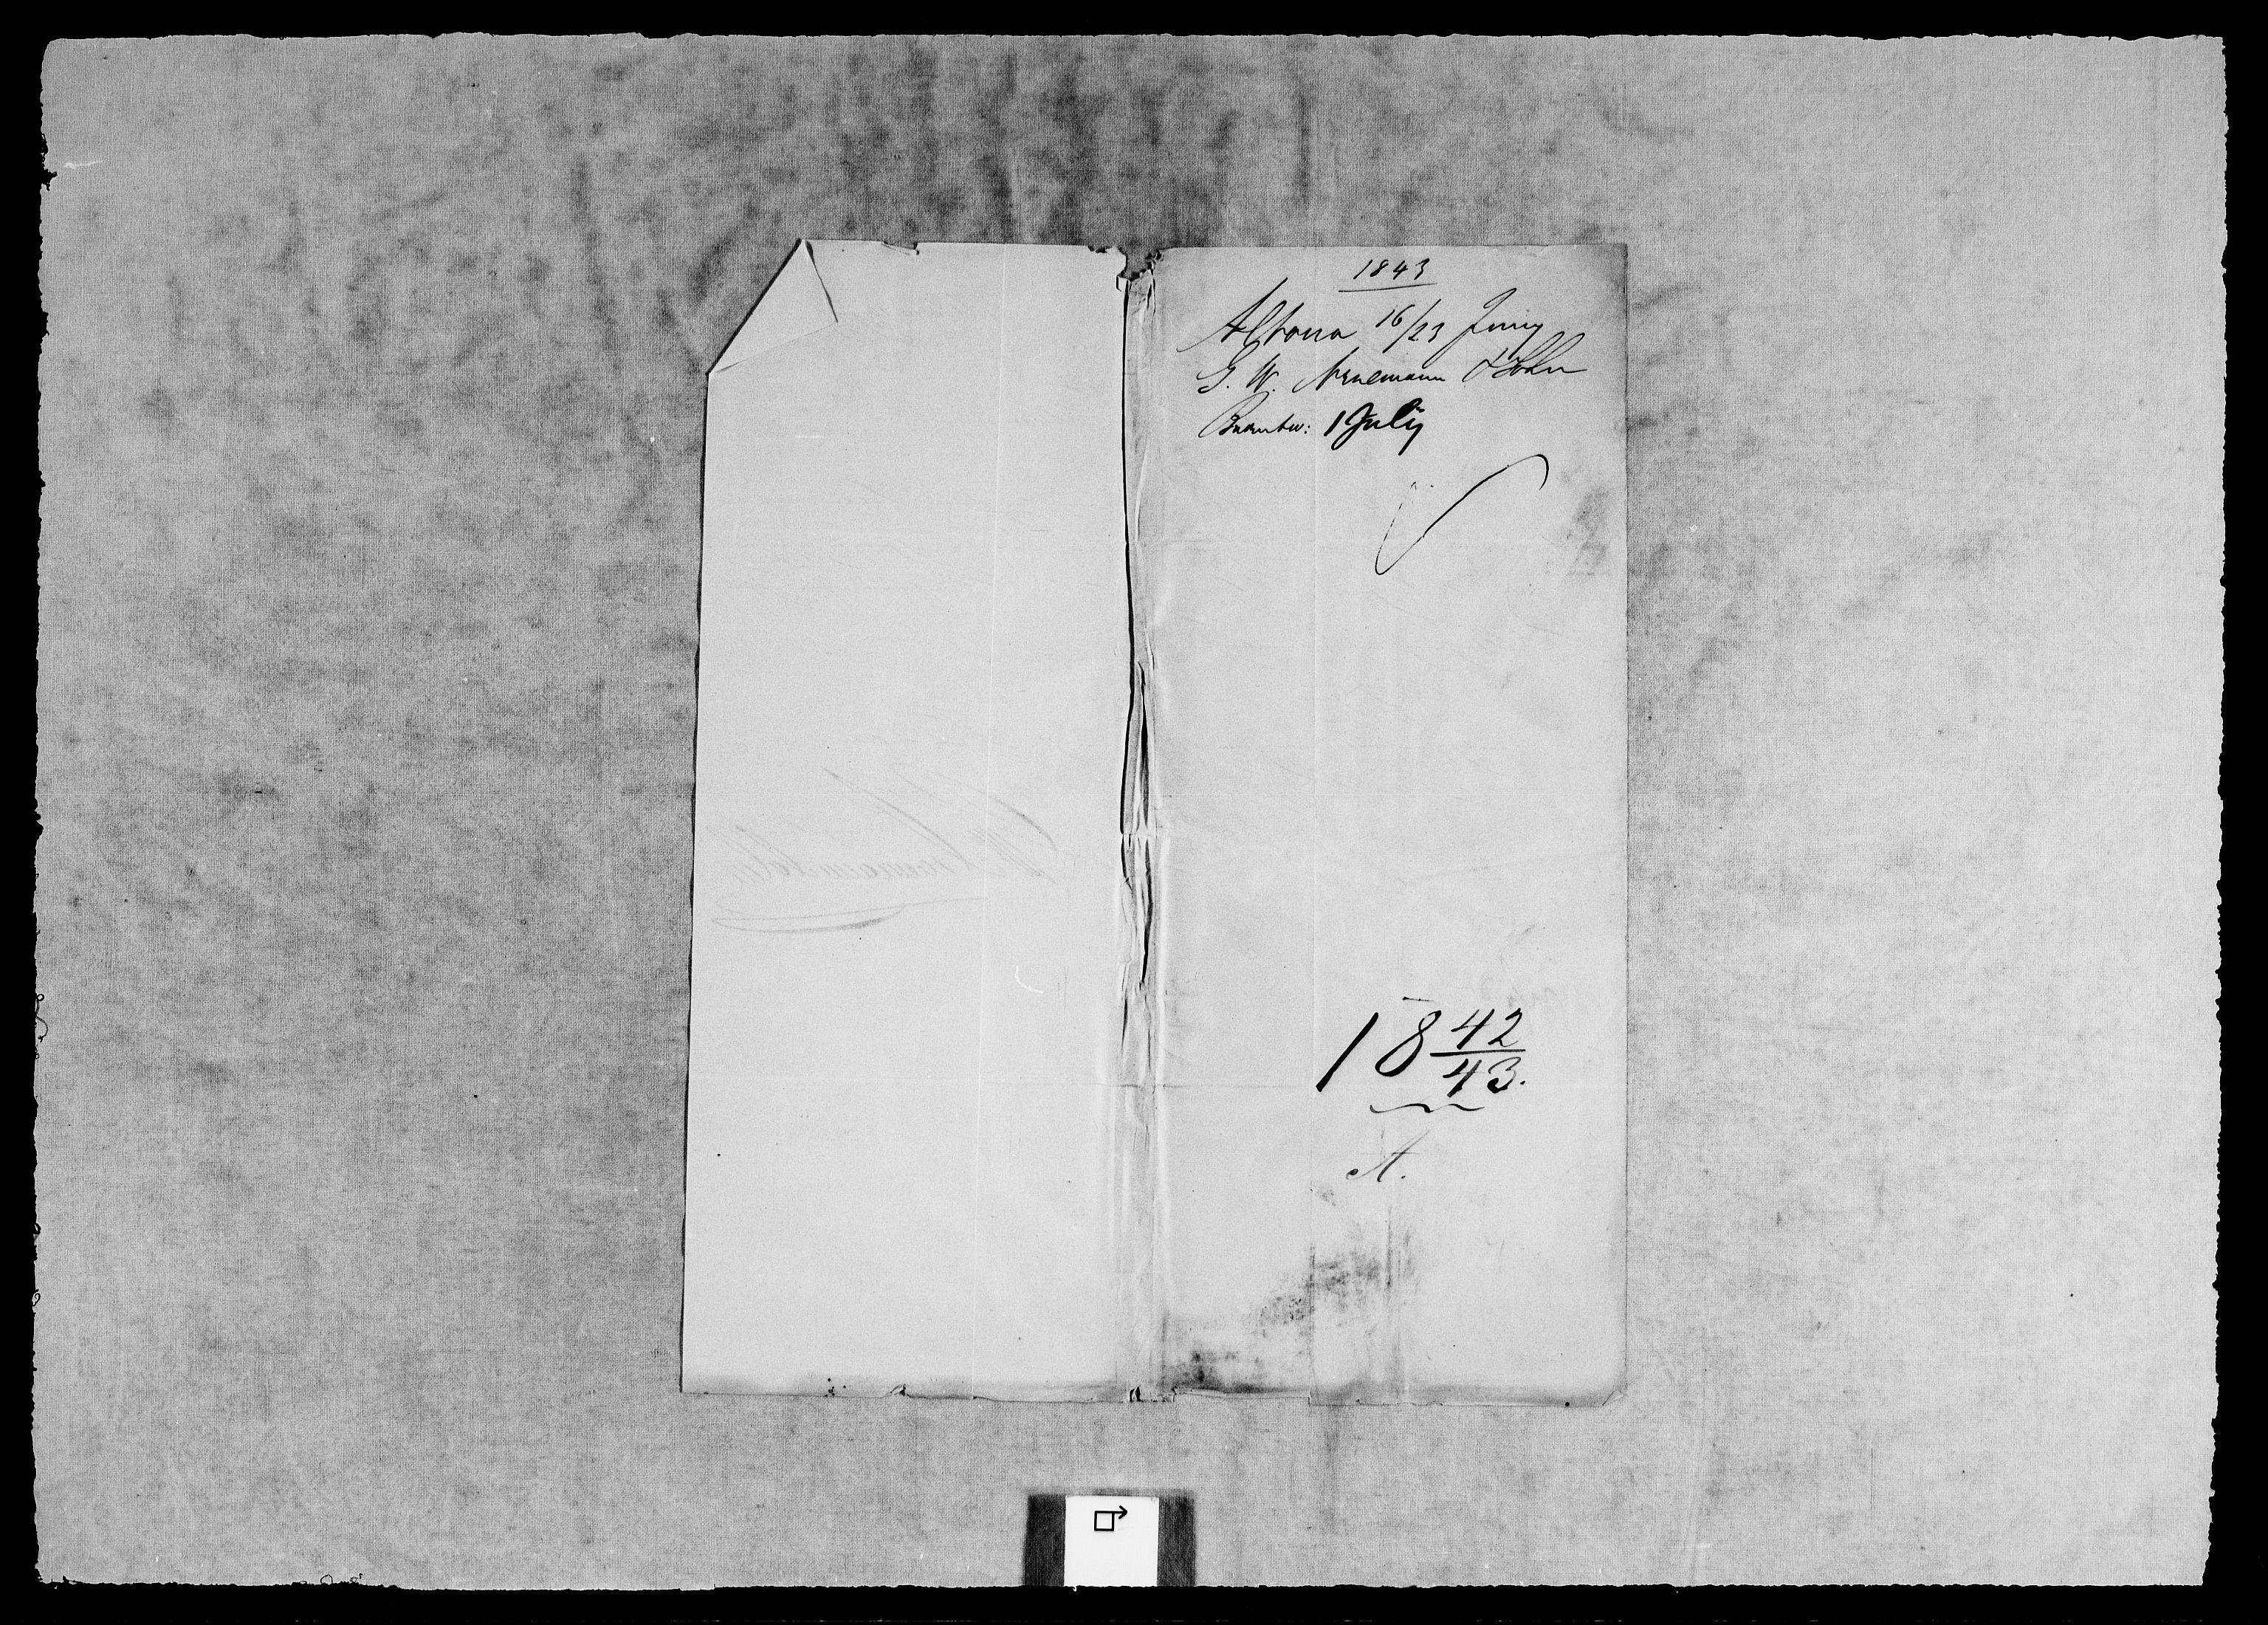 RA, Modums Blaafarveværk, G/Gb/L0127, 1842-1843, s. 2